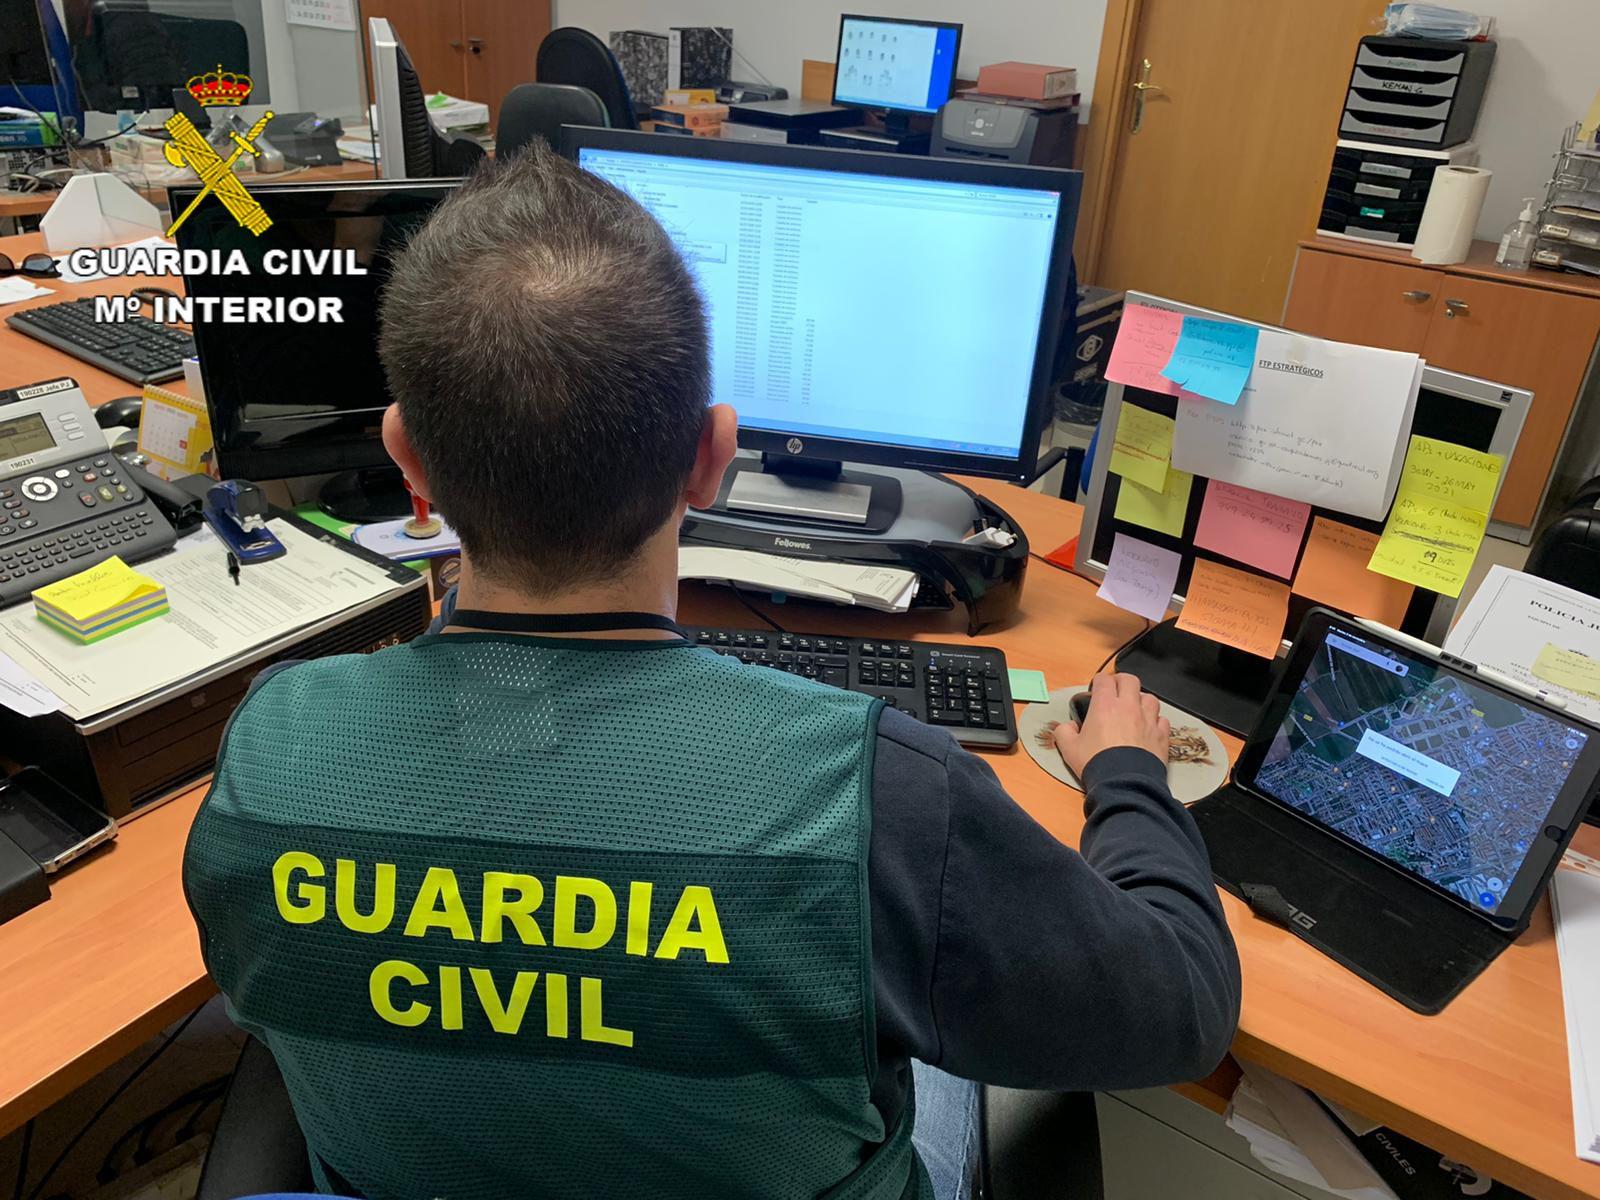 La Guardia Civil ha detenido a 1 persona por usurpación de estado civil, estafa y hurto